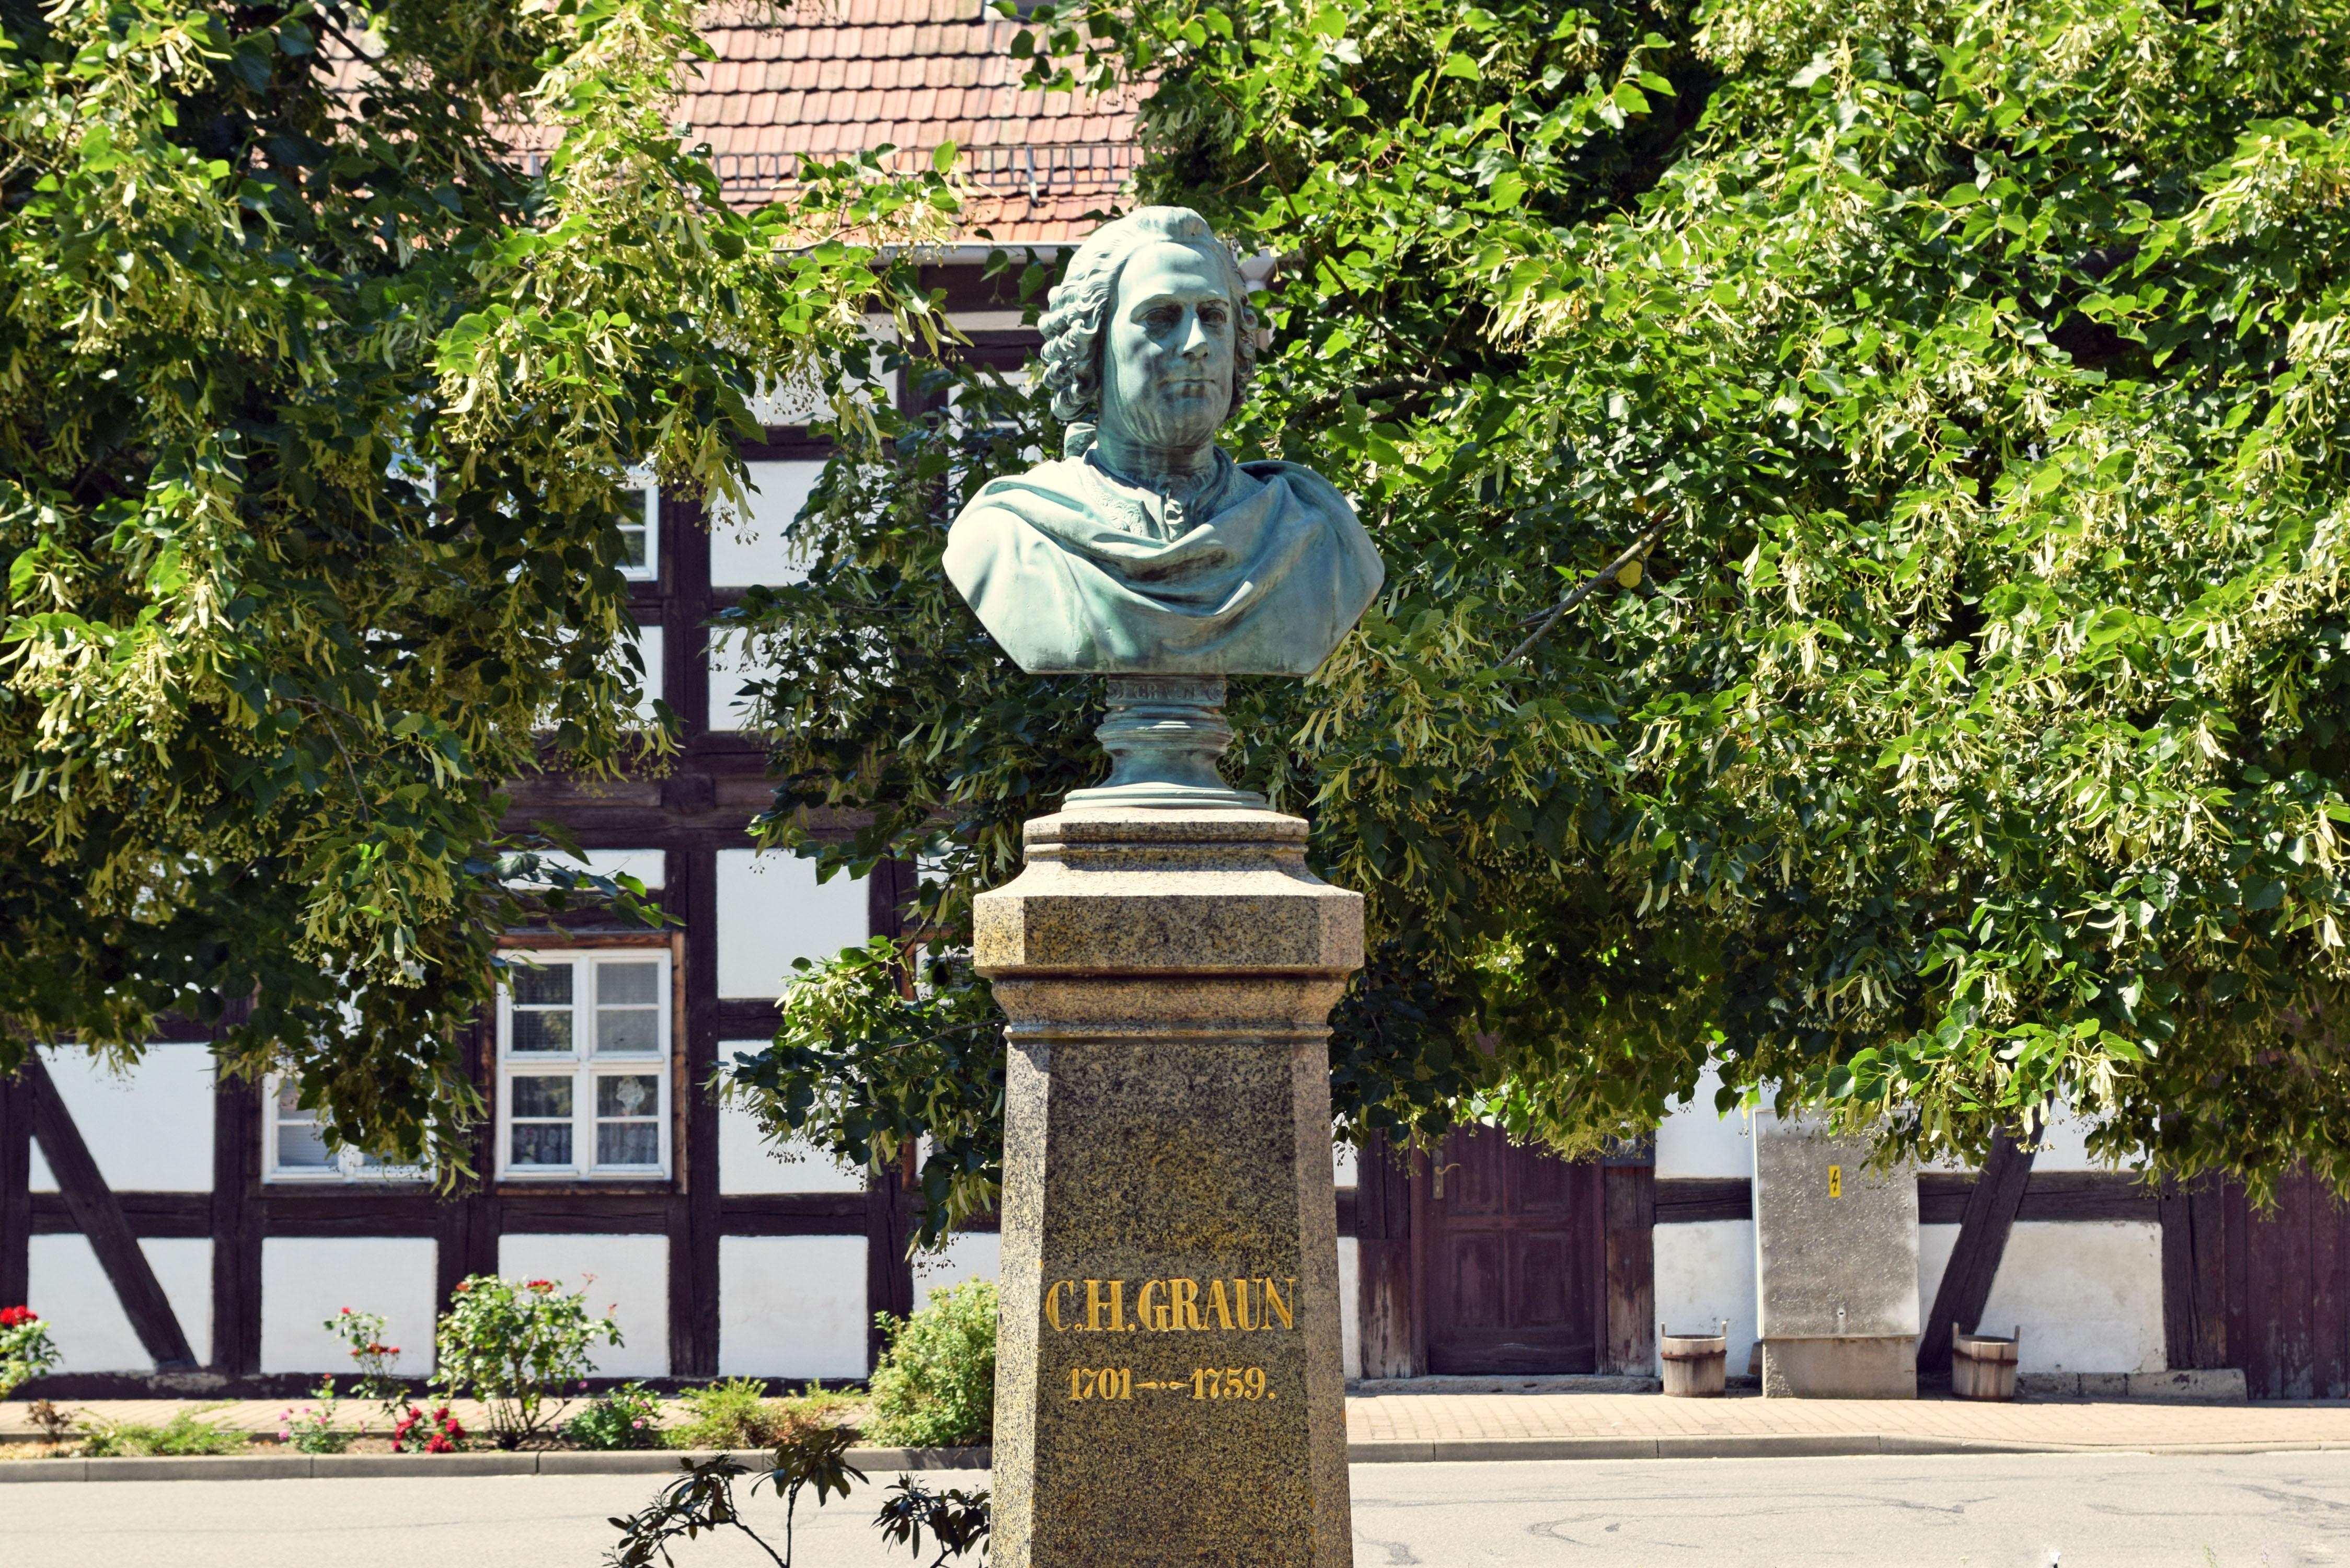 Bild vom Denkmal für Carl Heinrich Graun in Wahrenbrück, dem Kapellmeister Friedrichs des Grossen